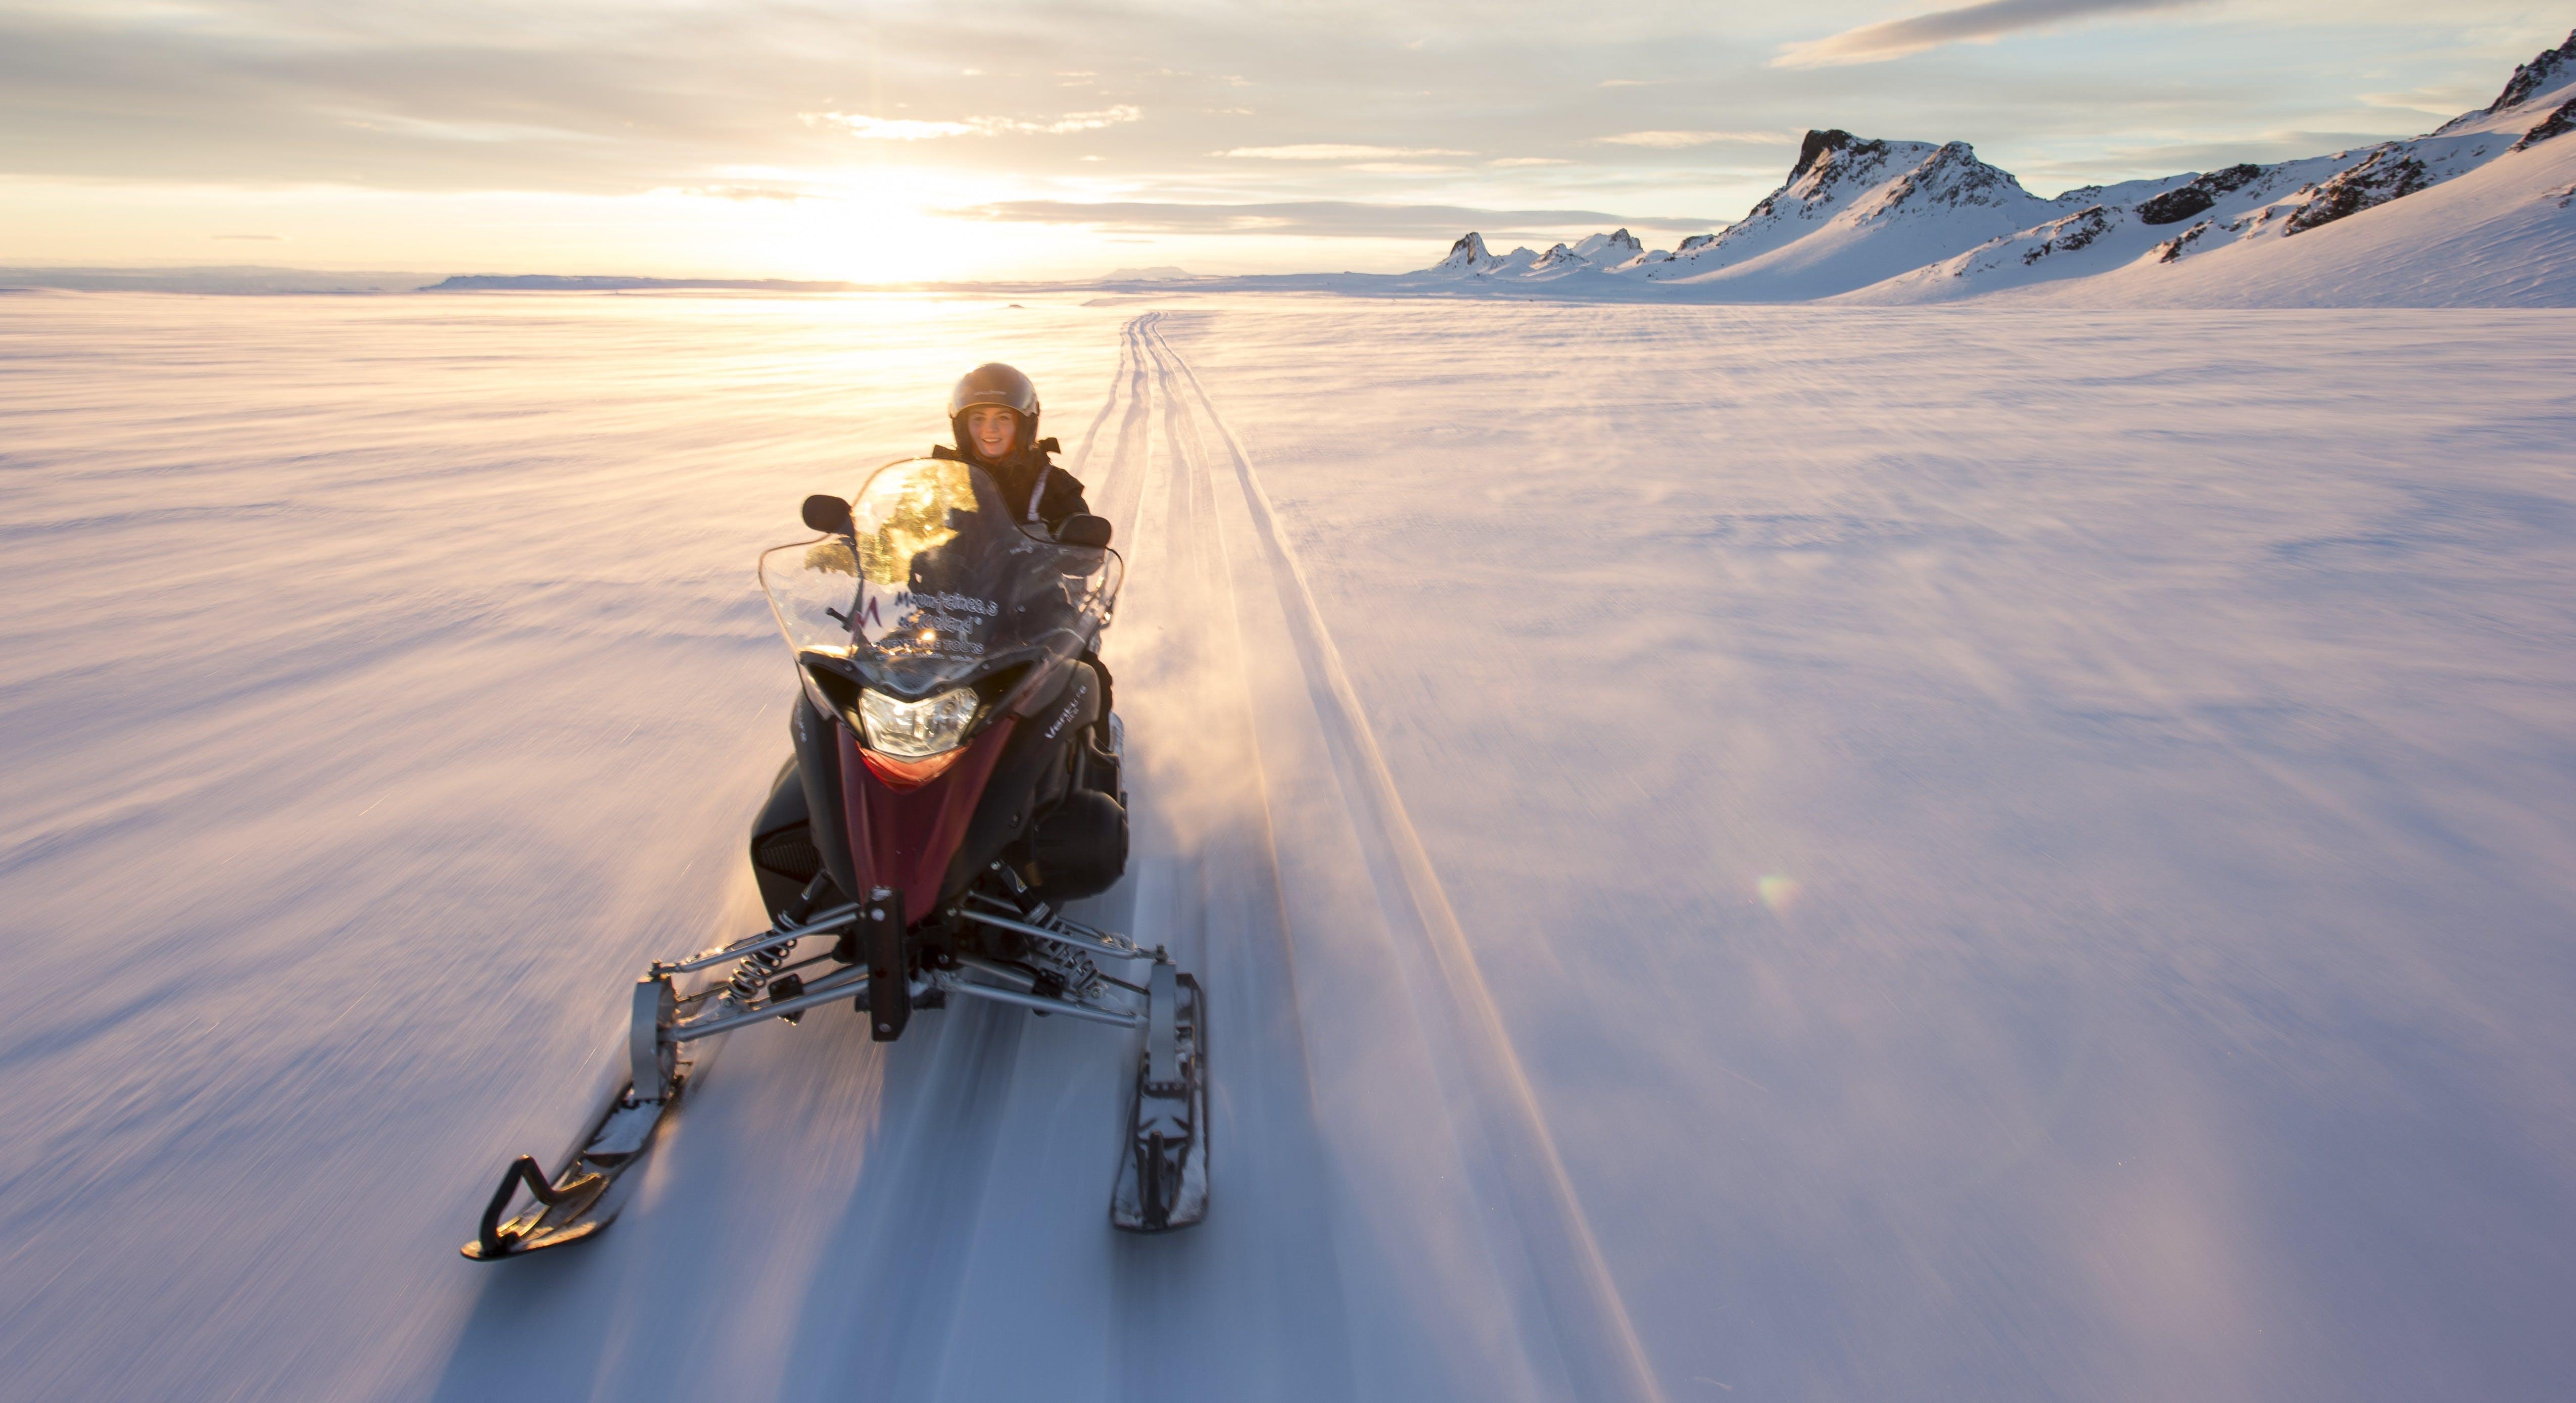 Jazda na skuterach śnieżnych jest jedną z najbardziej ekscytujących aktywności dostępną na Islandii.